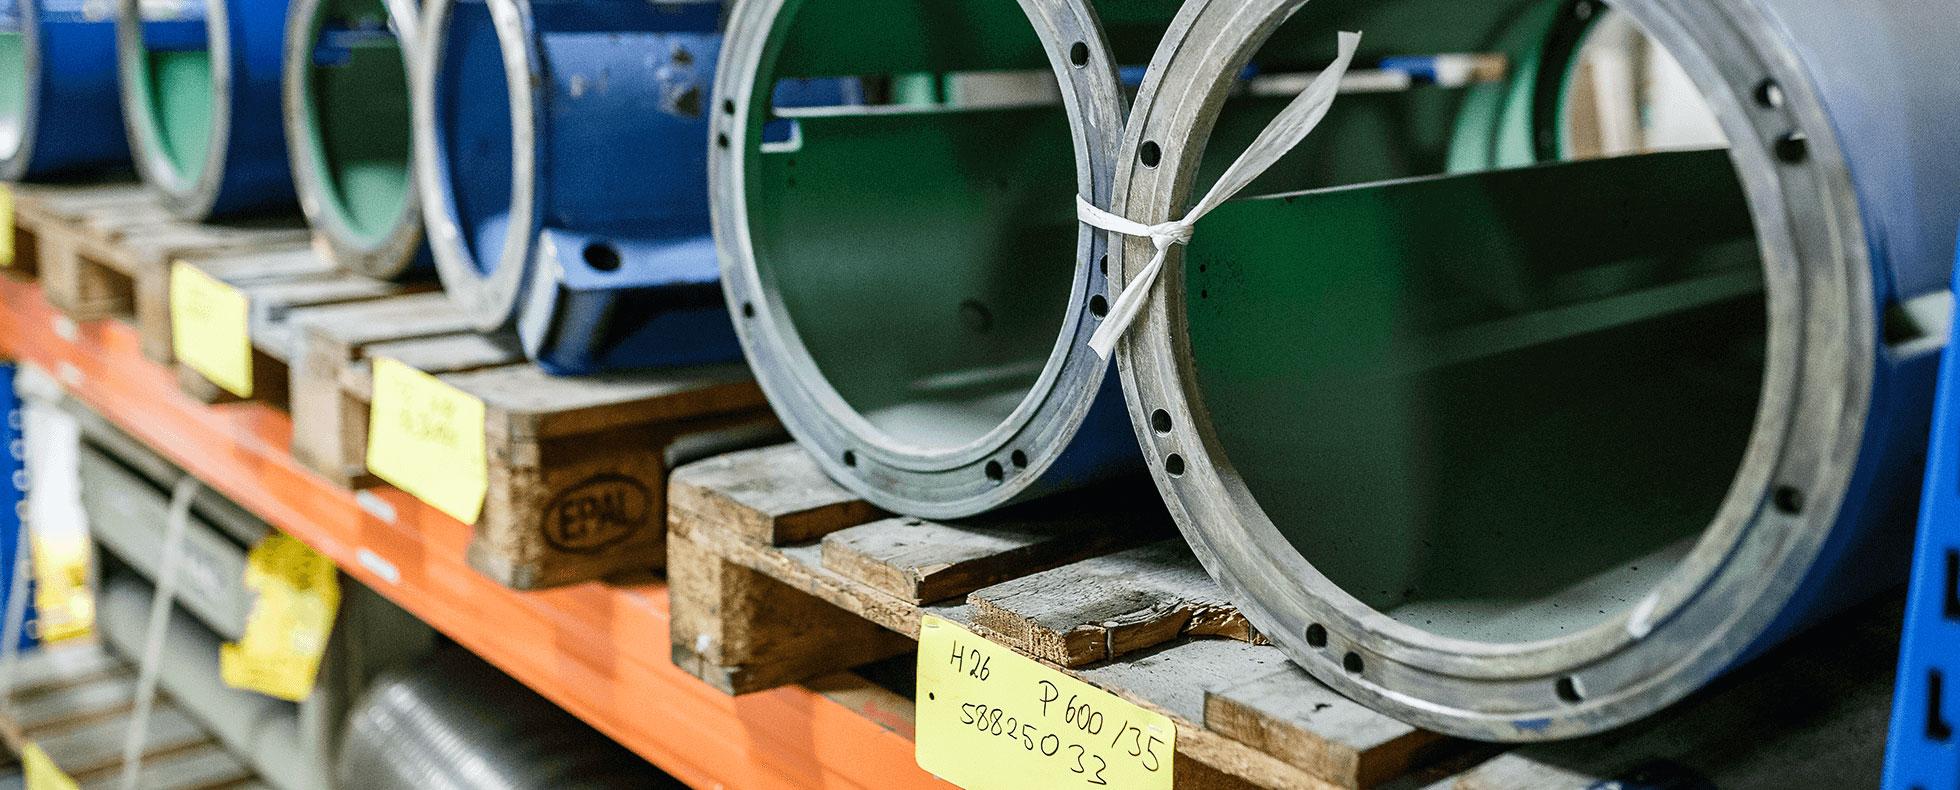 BRUNNHUBER CRANES GERMANY – Brunnhuber Krane GmbH